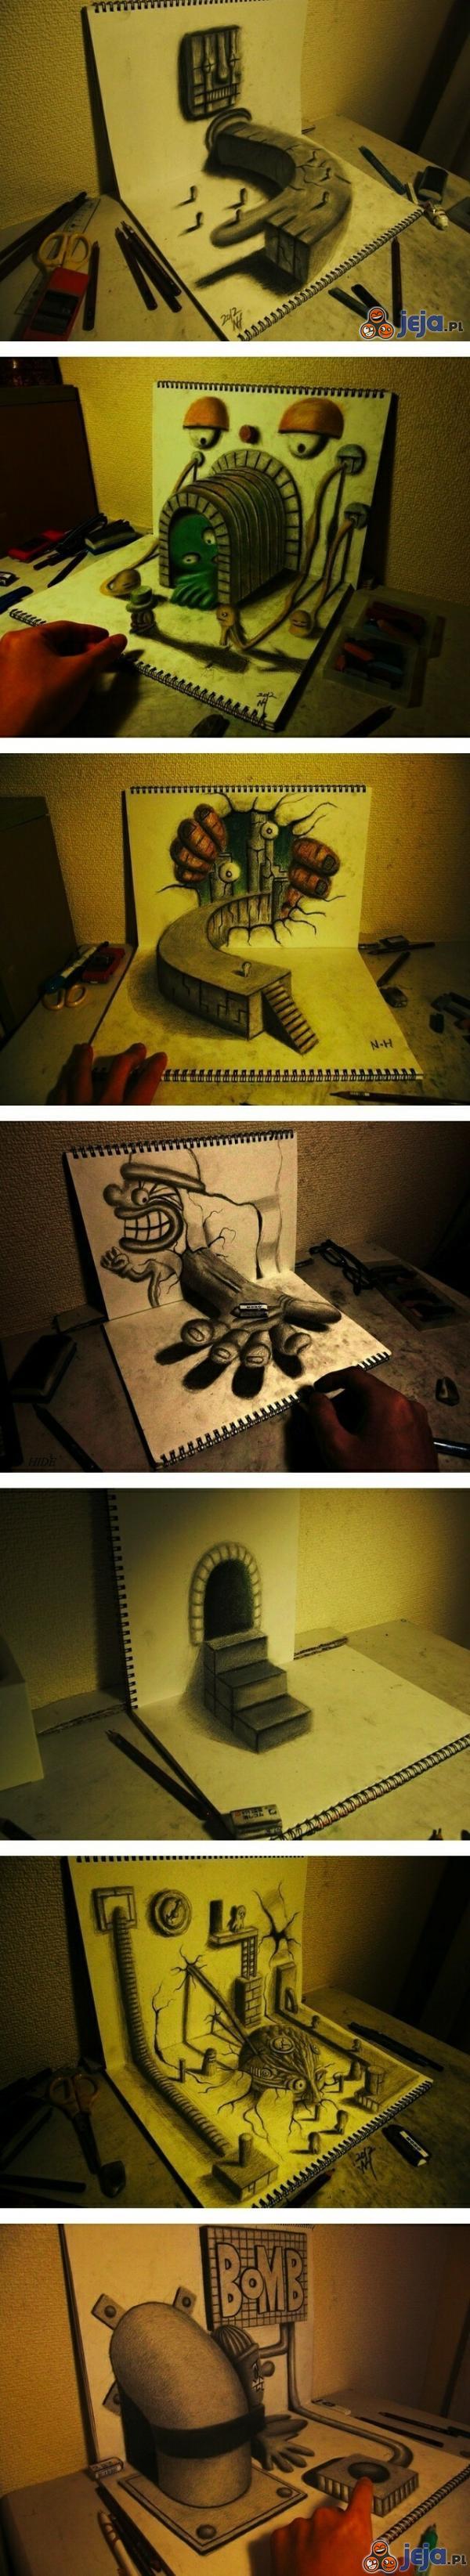 Narysowana iluzja